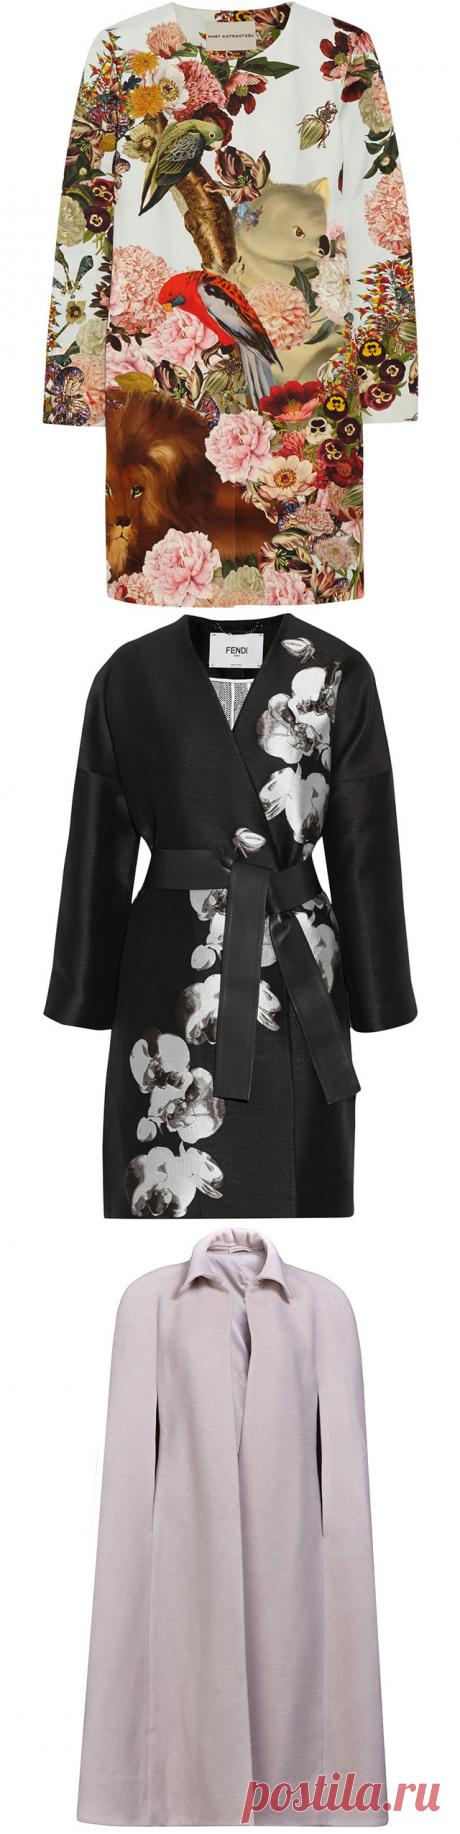 Обзор — 10 весенних пальто, которые наиболее отвечают настроению сезона